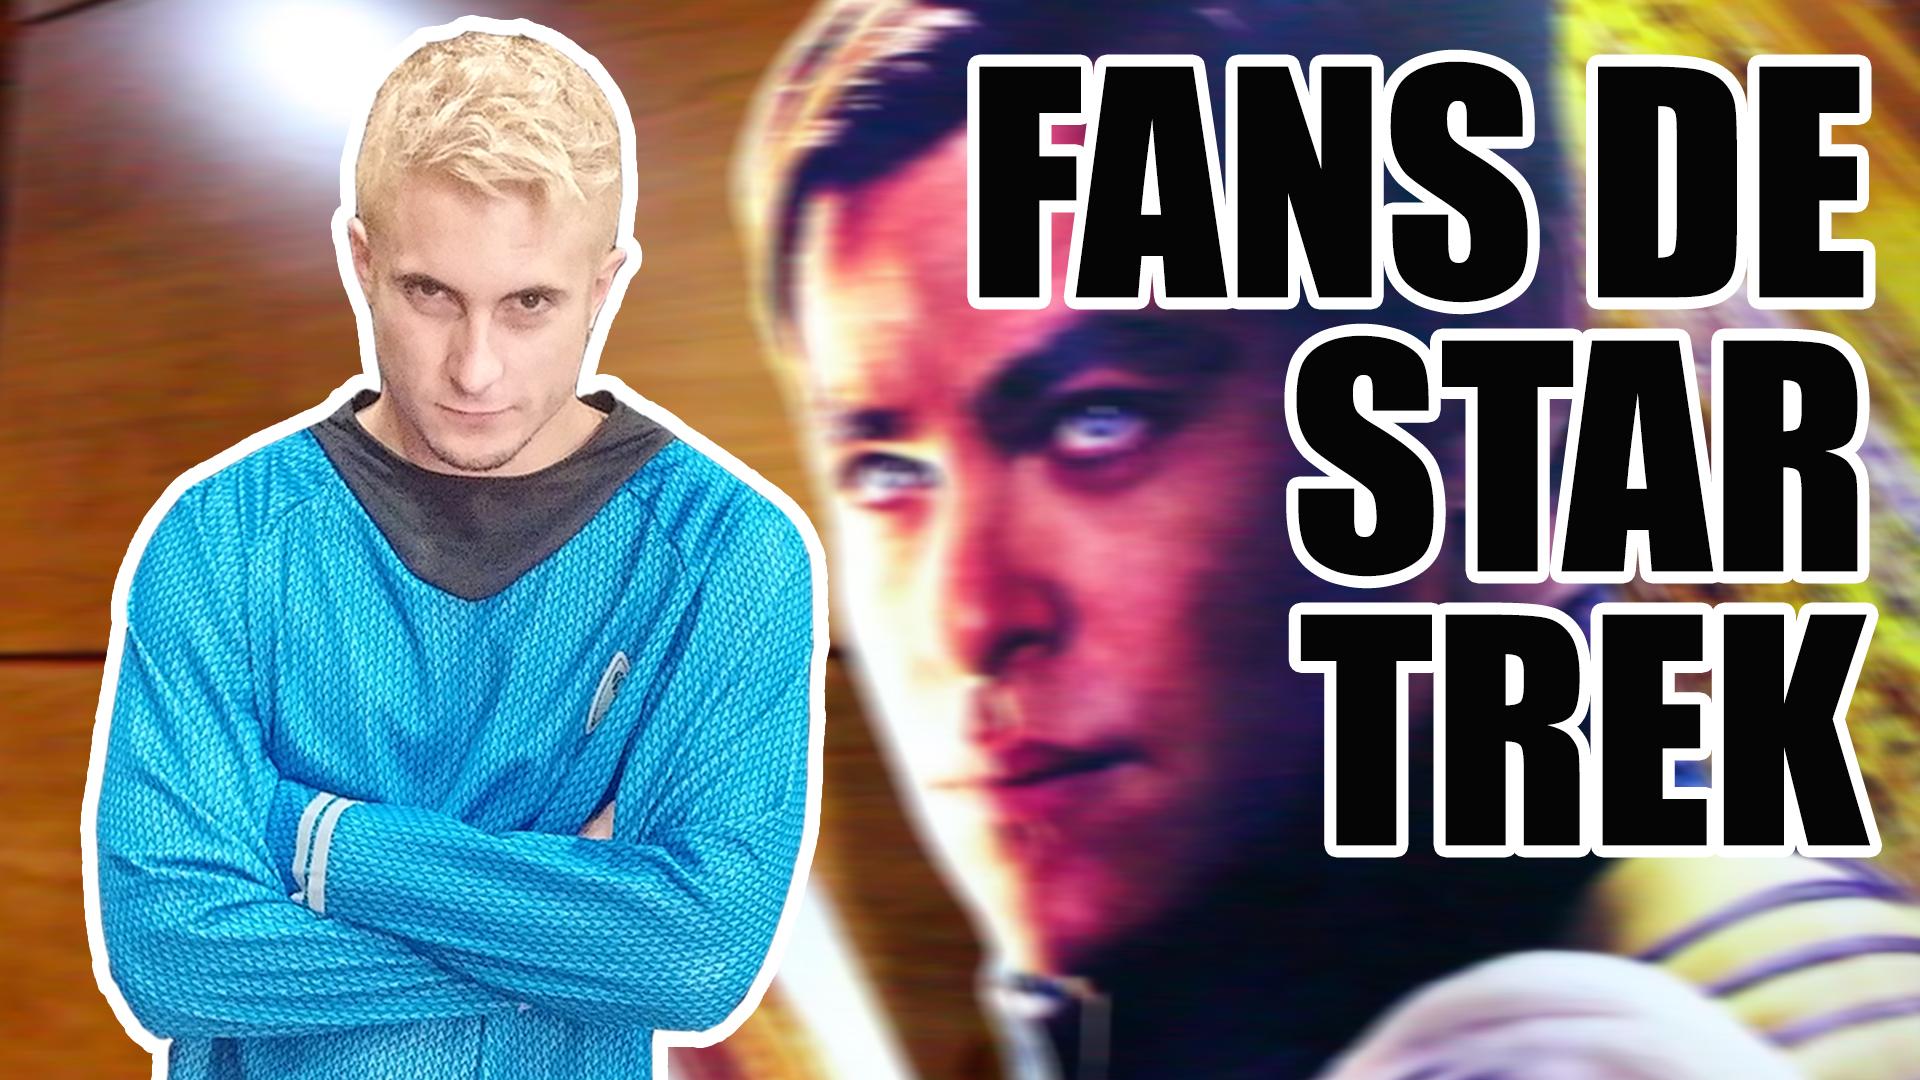 Temporada 1 Voy a un evento de fans de Star Trek